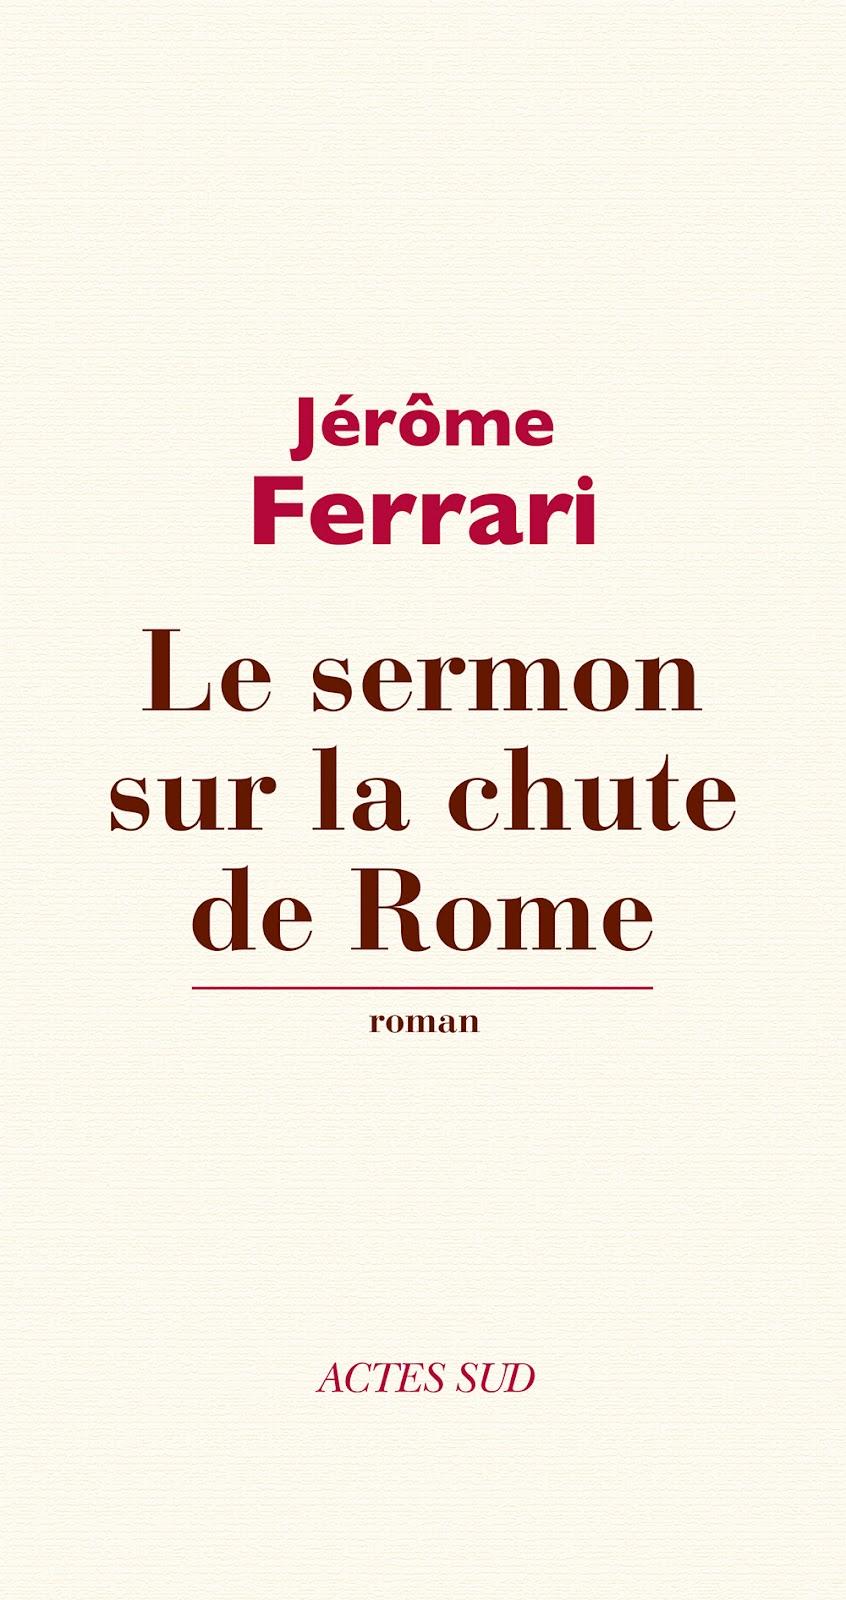 http://3.bp.blogspot.com/-8U9jvnfo8jo/UDH5CxTZ1jI/AAAAAAAAEPw/lLMJ9WMXWug/s1600/couverture-sermon-sur-la-chute-de-rome.jpeg